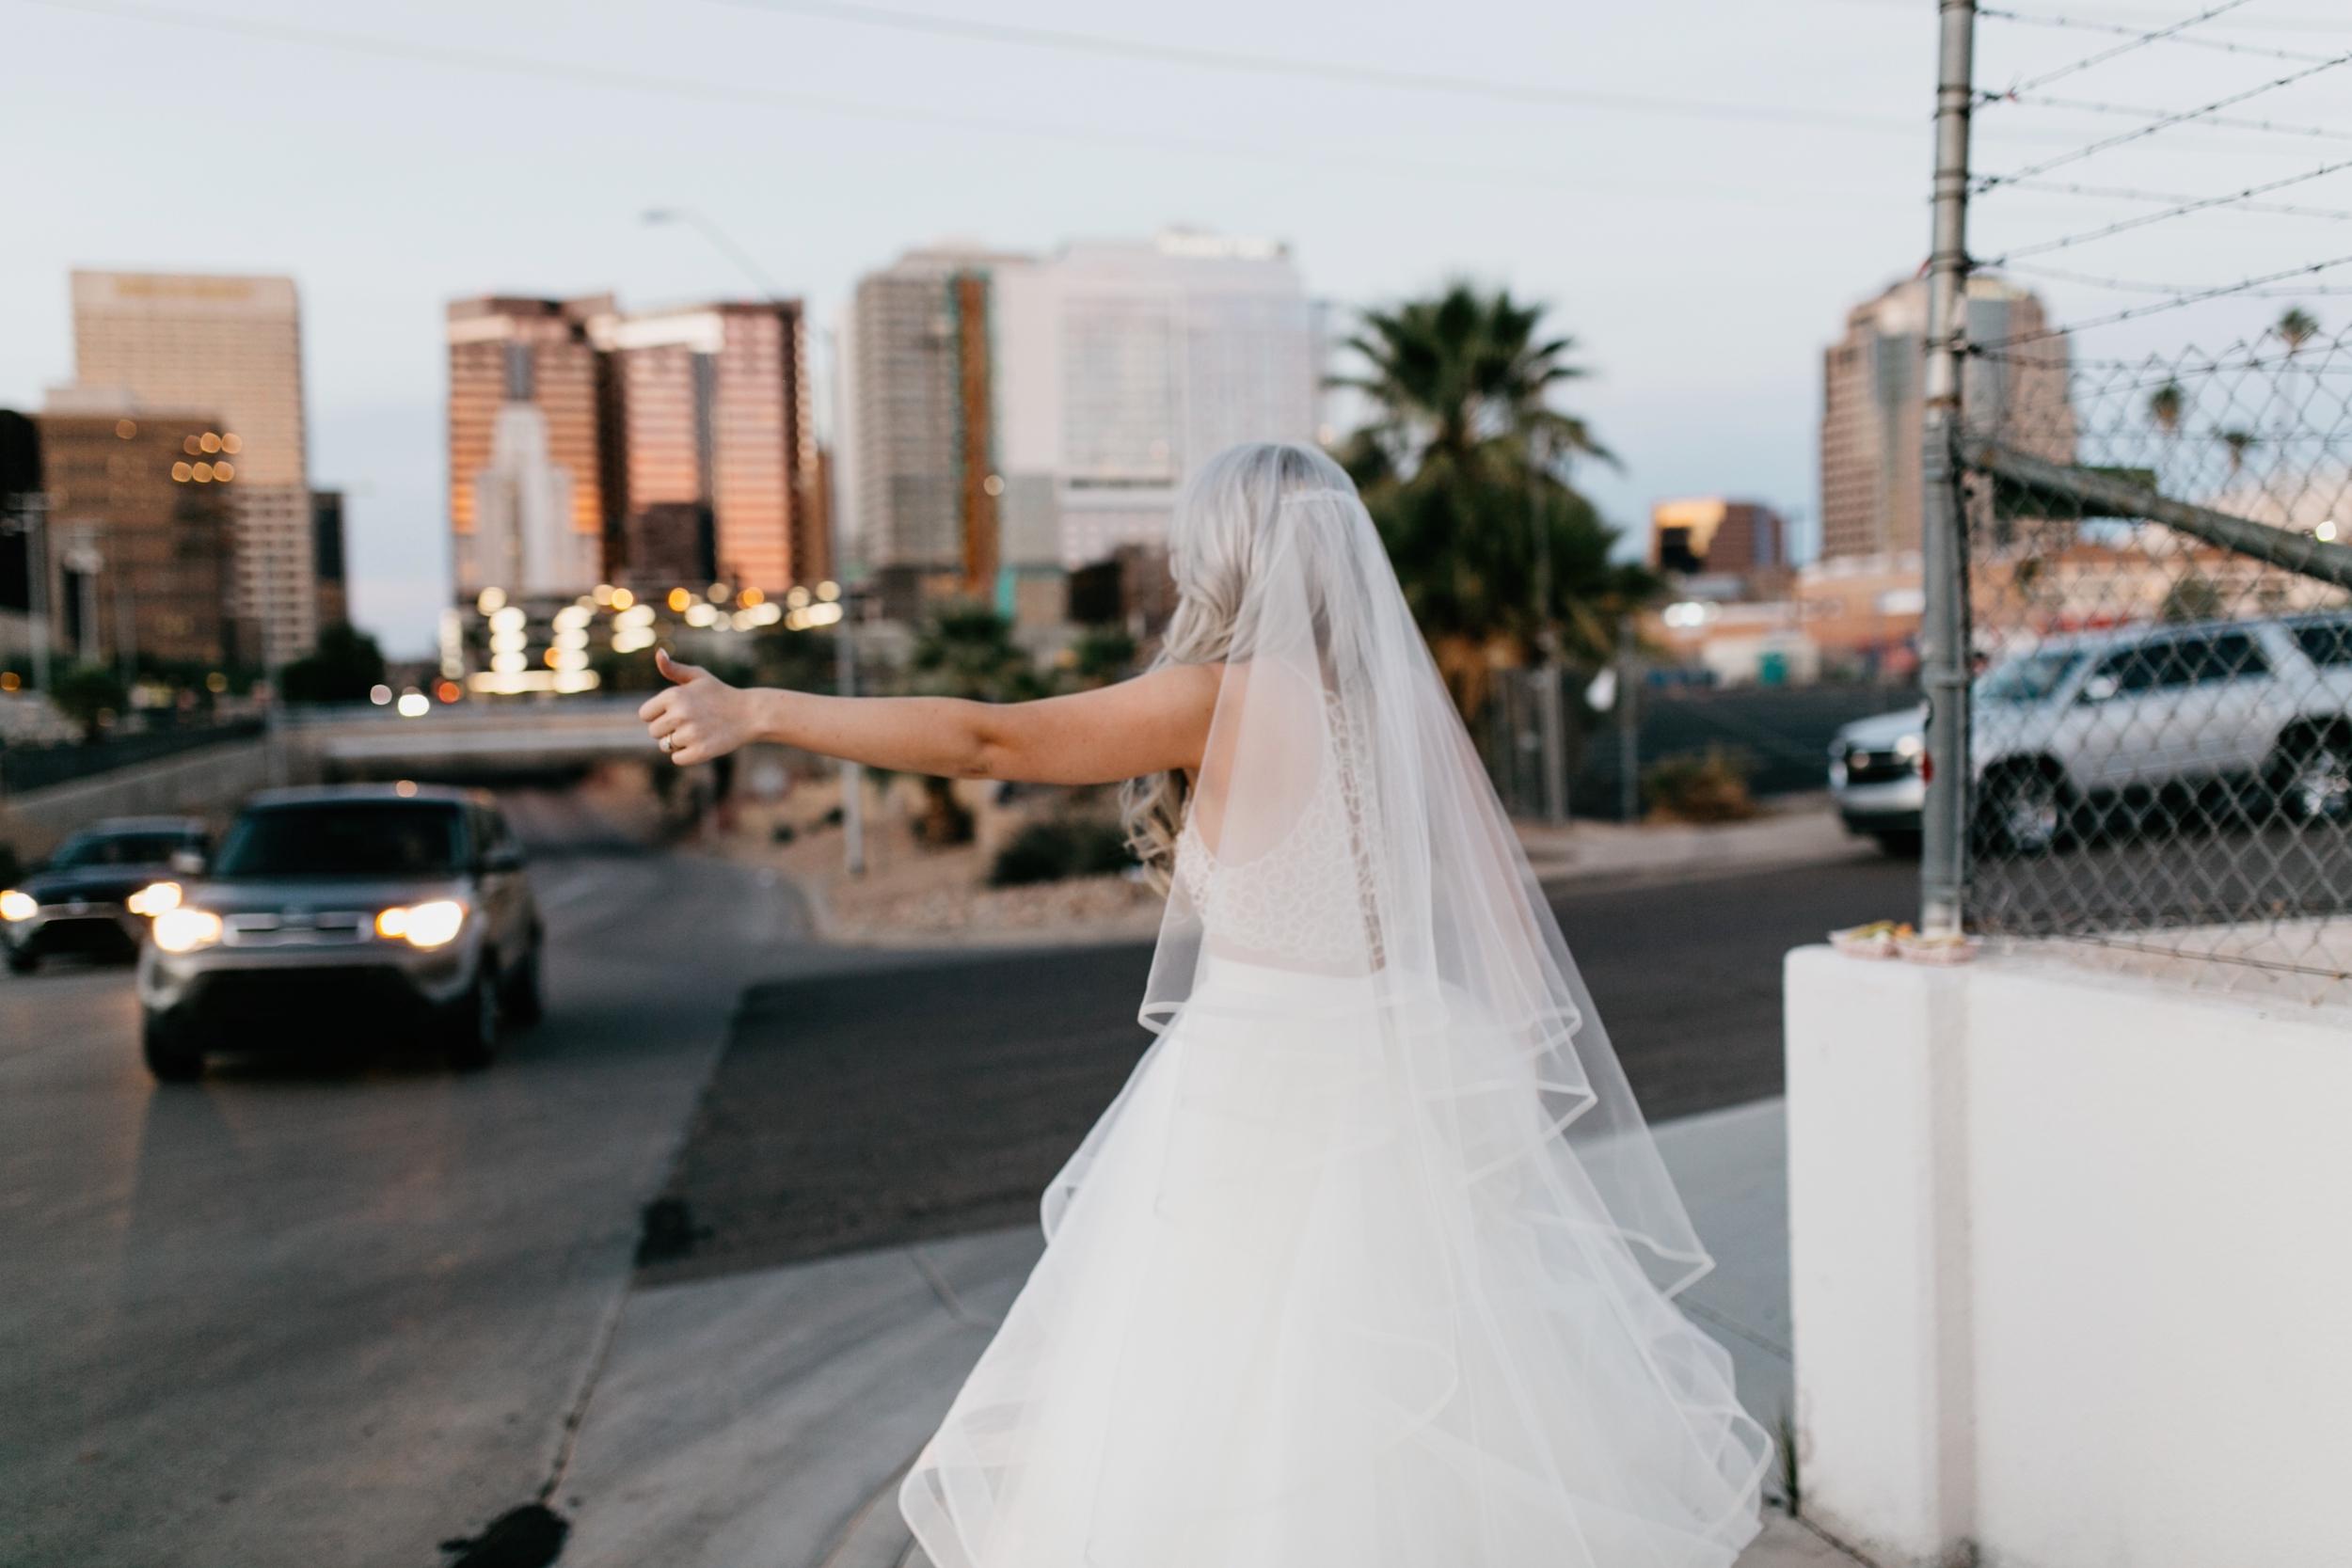 arizona - wedding - photography 01684.jpg